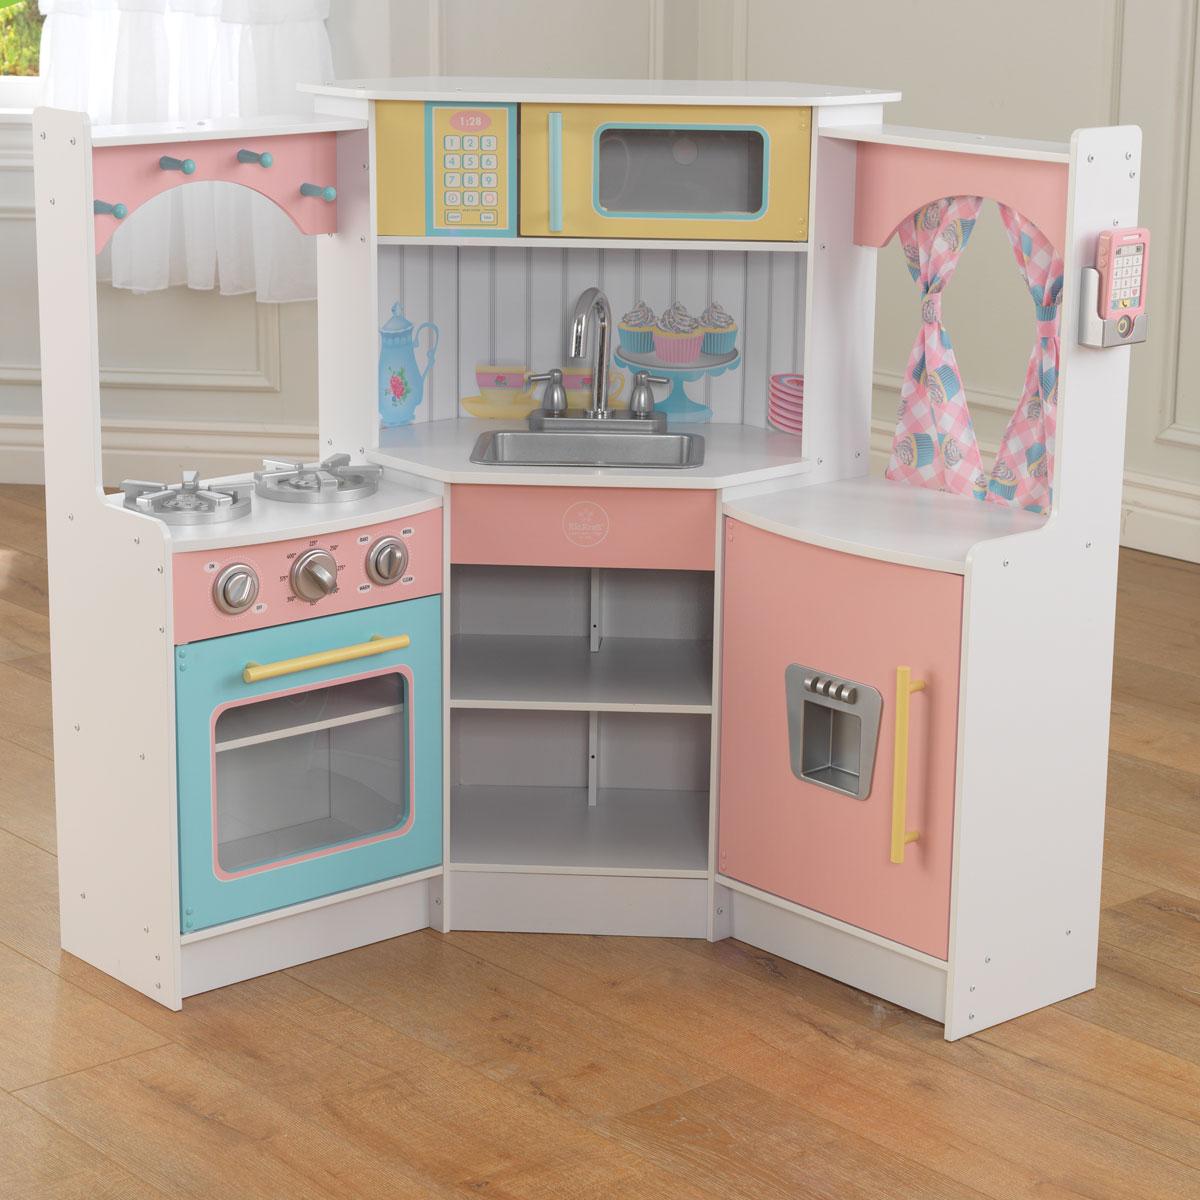 Kid Kraft Deluxe Corner Küche Küchenstil: Eckküche, Küchenausstattung: Ofen, Herd, Spülbecken, Mikrowelle, Kühlschrank, Material: Holz